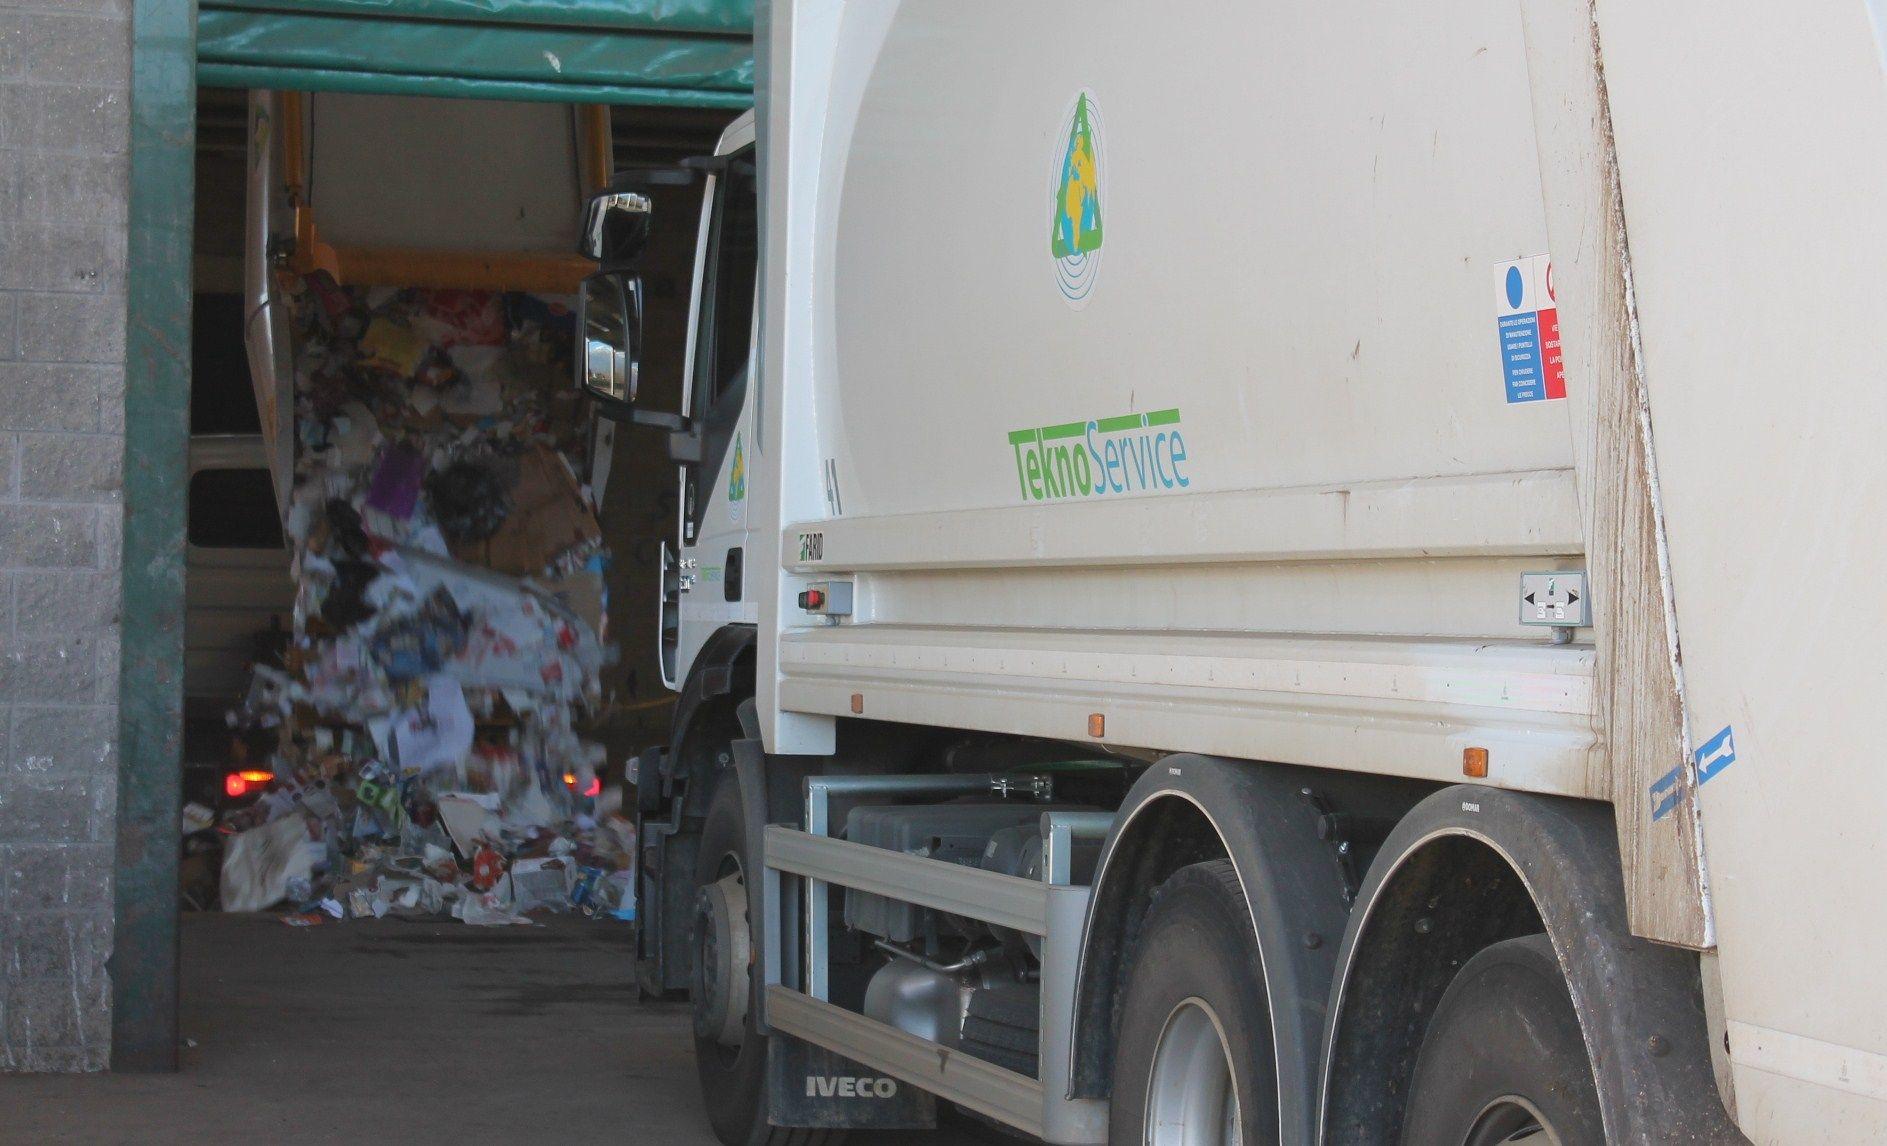 CASTELLAMONTE - Così è cambiata la raccolta rifiuti a causa del covid